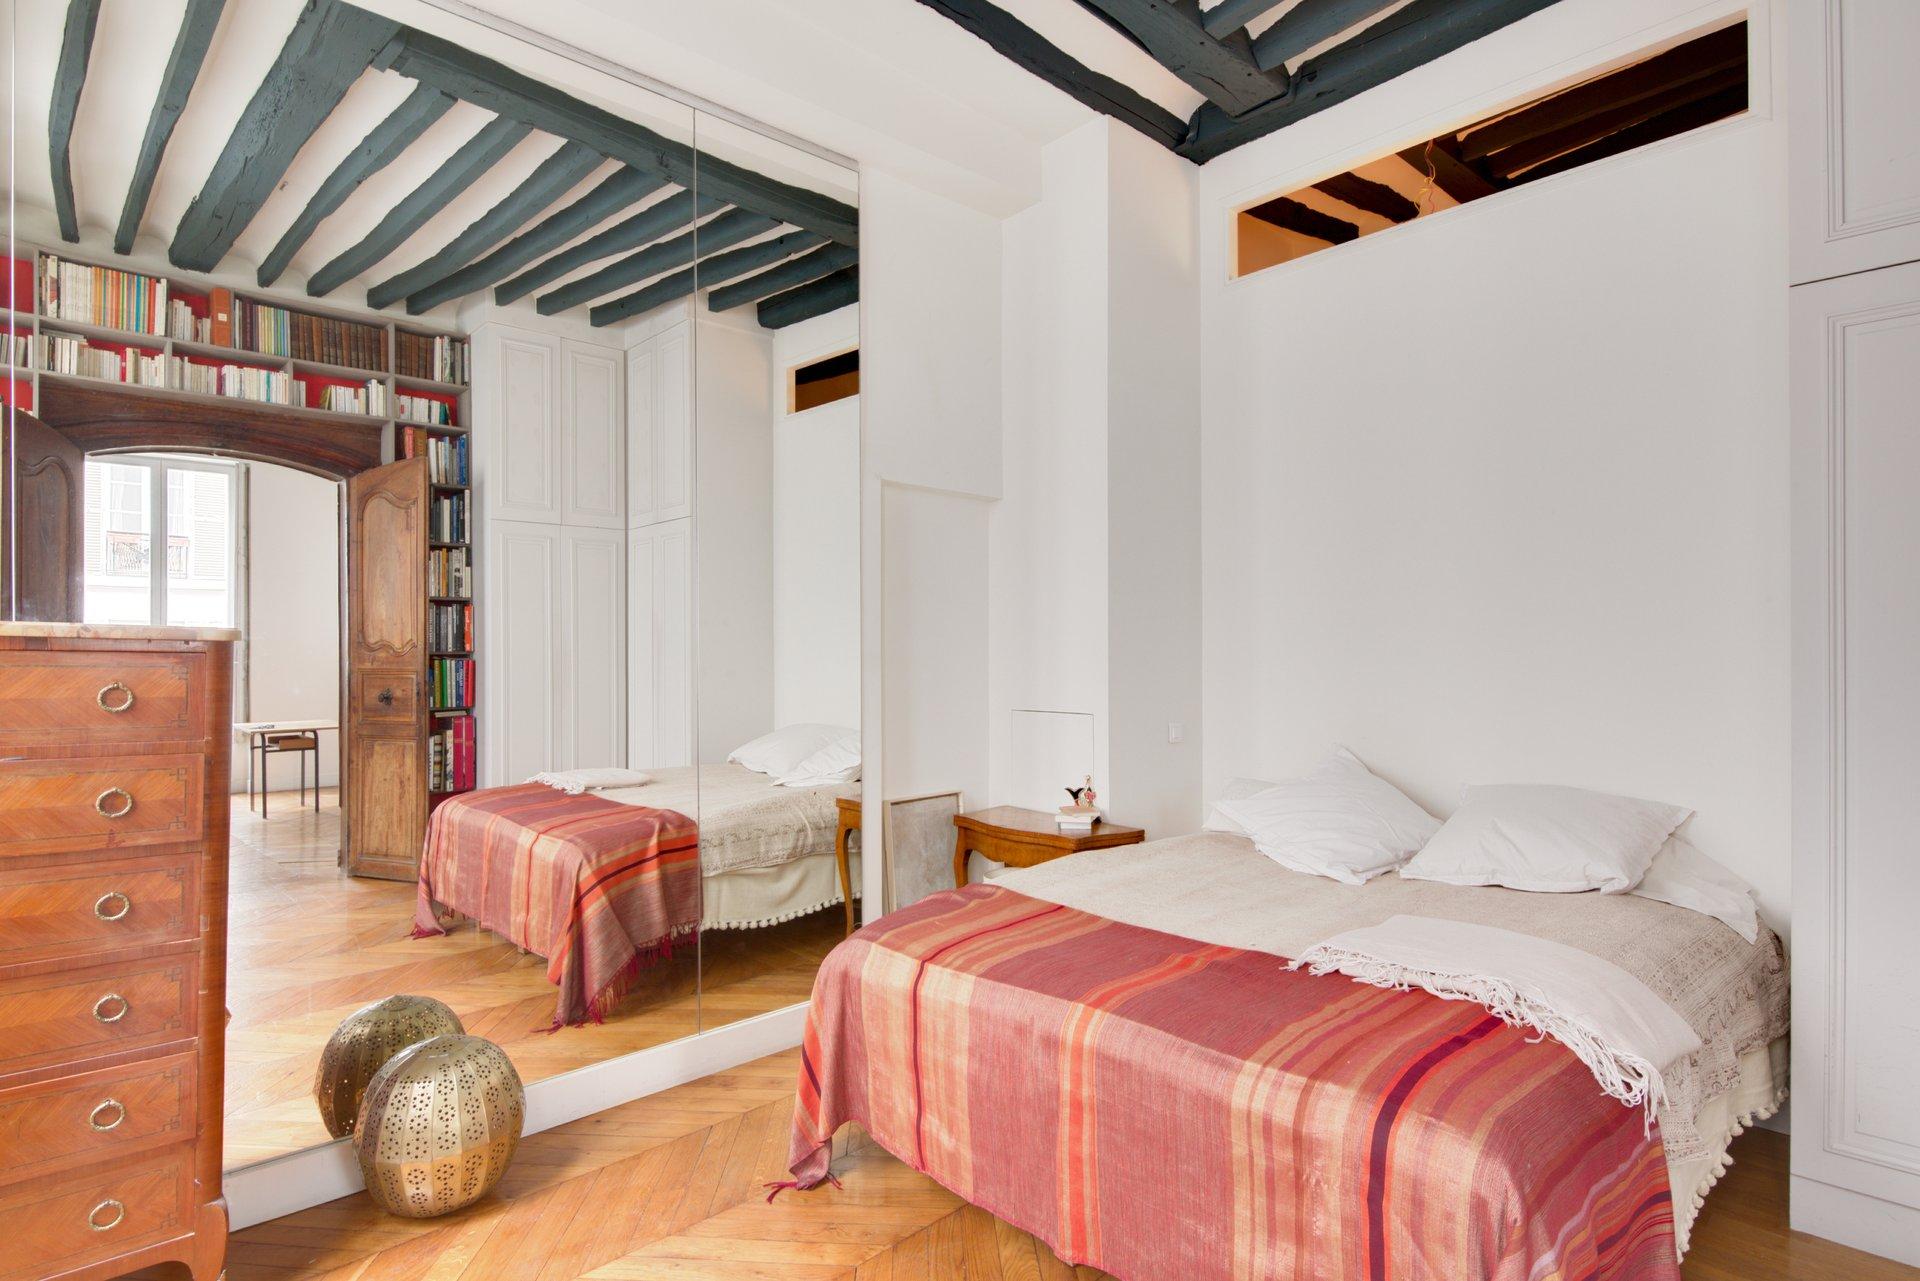 Sale Apartment - Paris 3rd (Paris 3ème) Arts-et-Métiers